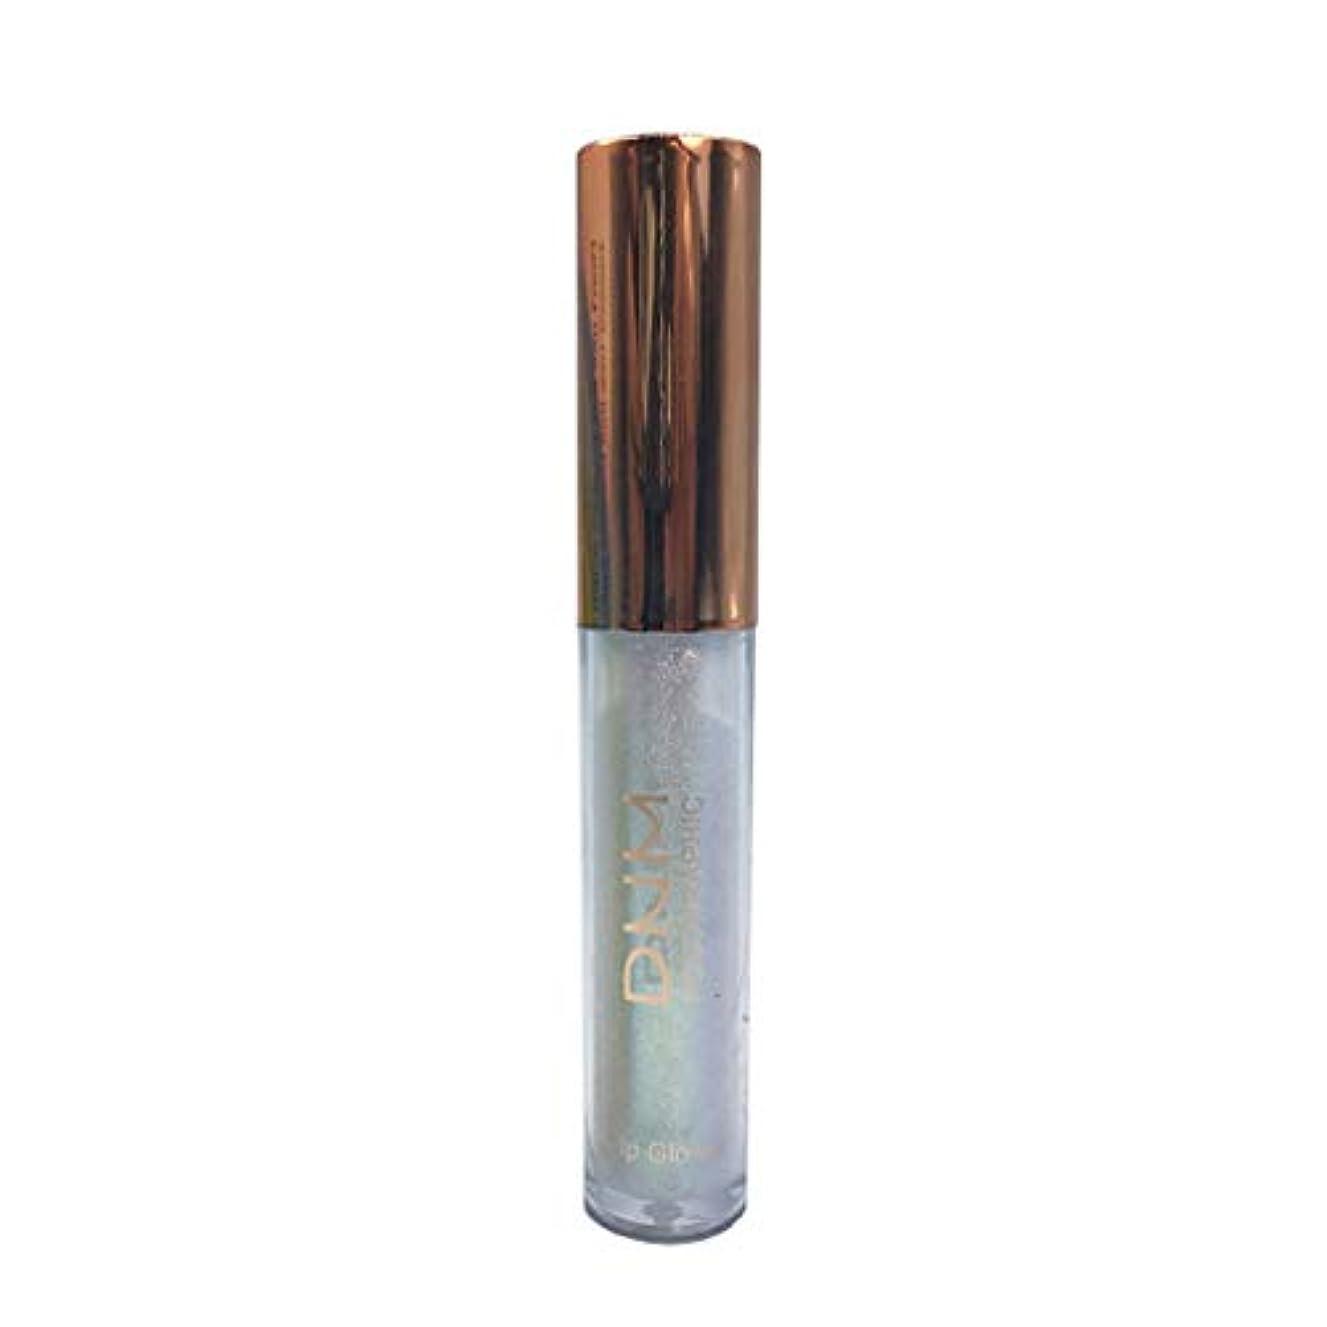 ねばねば他のバンドで学ぶリップクリーム 液体 キラキラ ピンク 紫系 軽い 口紅 唇 リップバーム 光沢 分極 防水 長続き リップラインの色を鮮やかに描くルージュhuajuan (A)